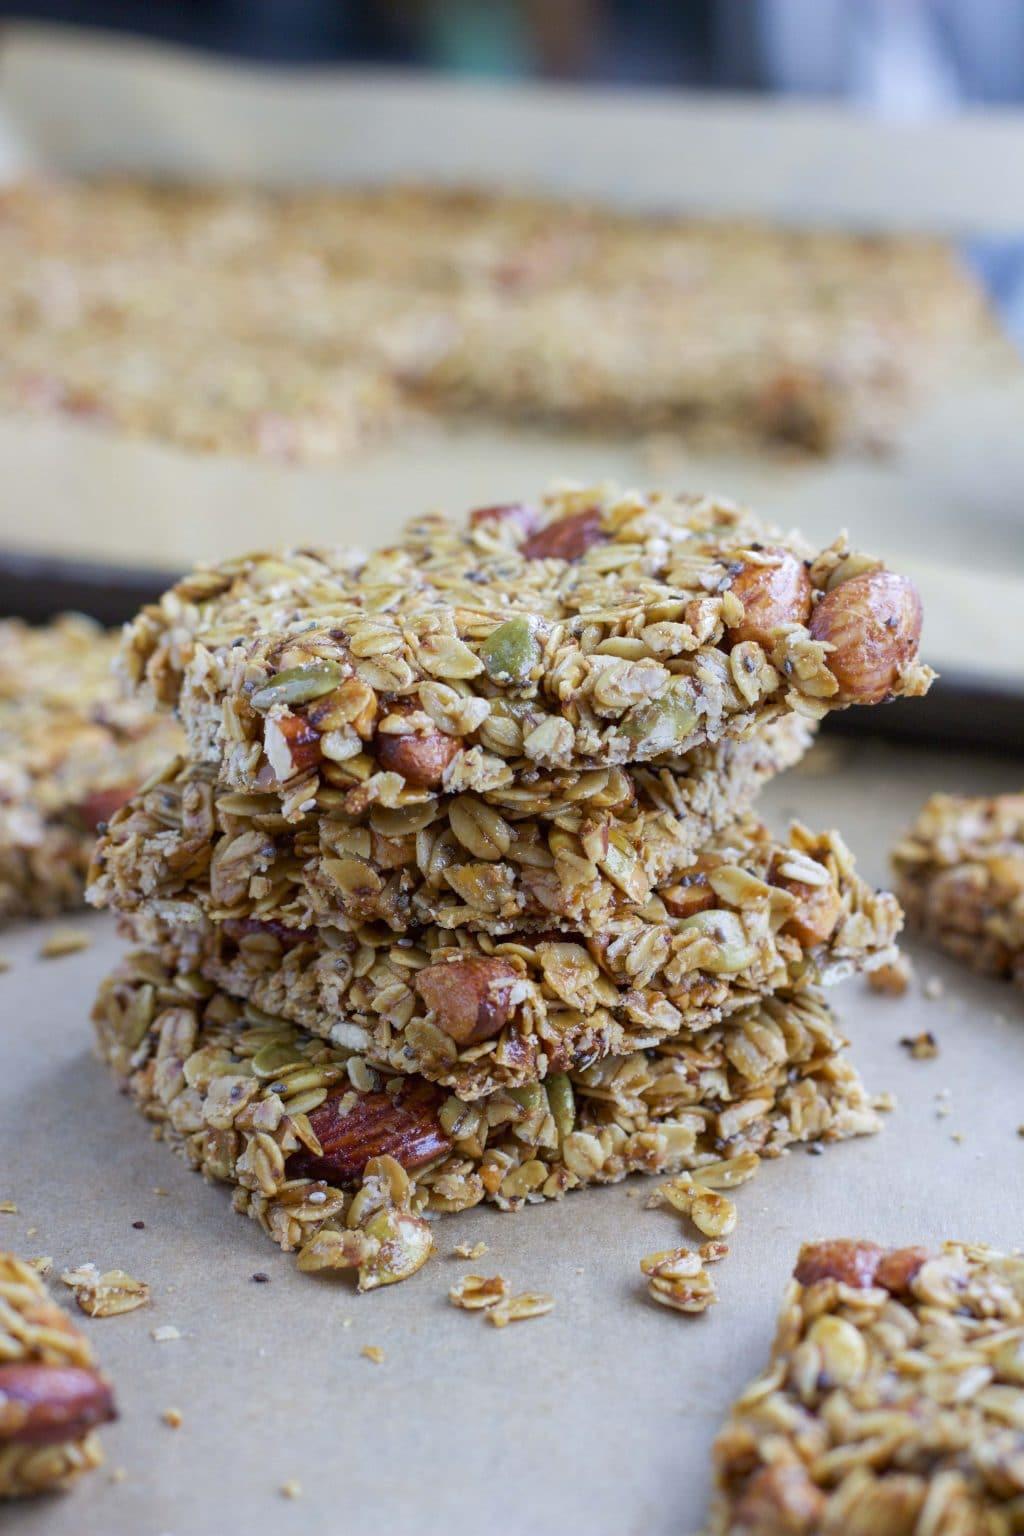 Loaded Nut & Seed Granola Bars